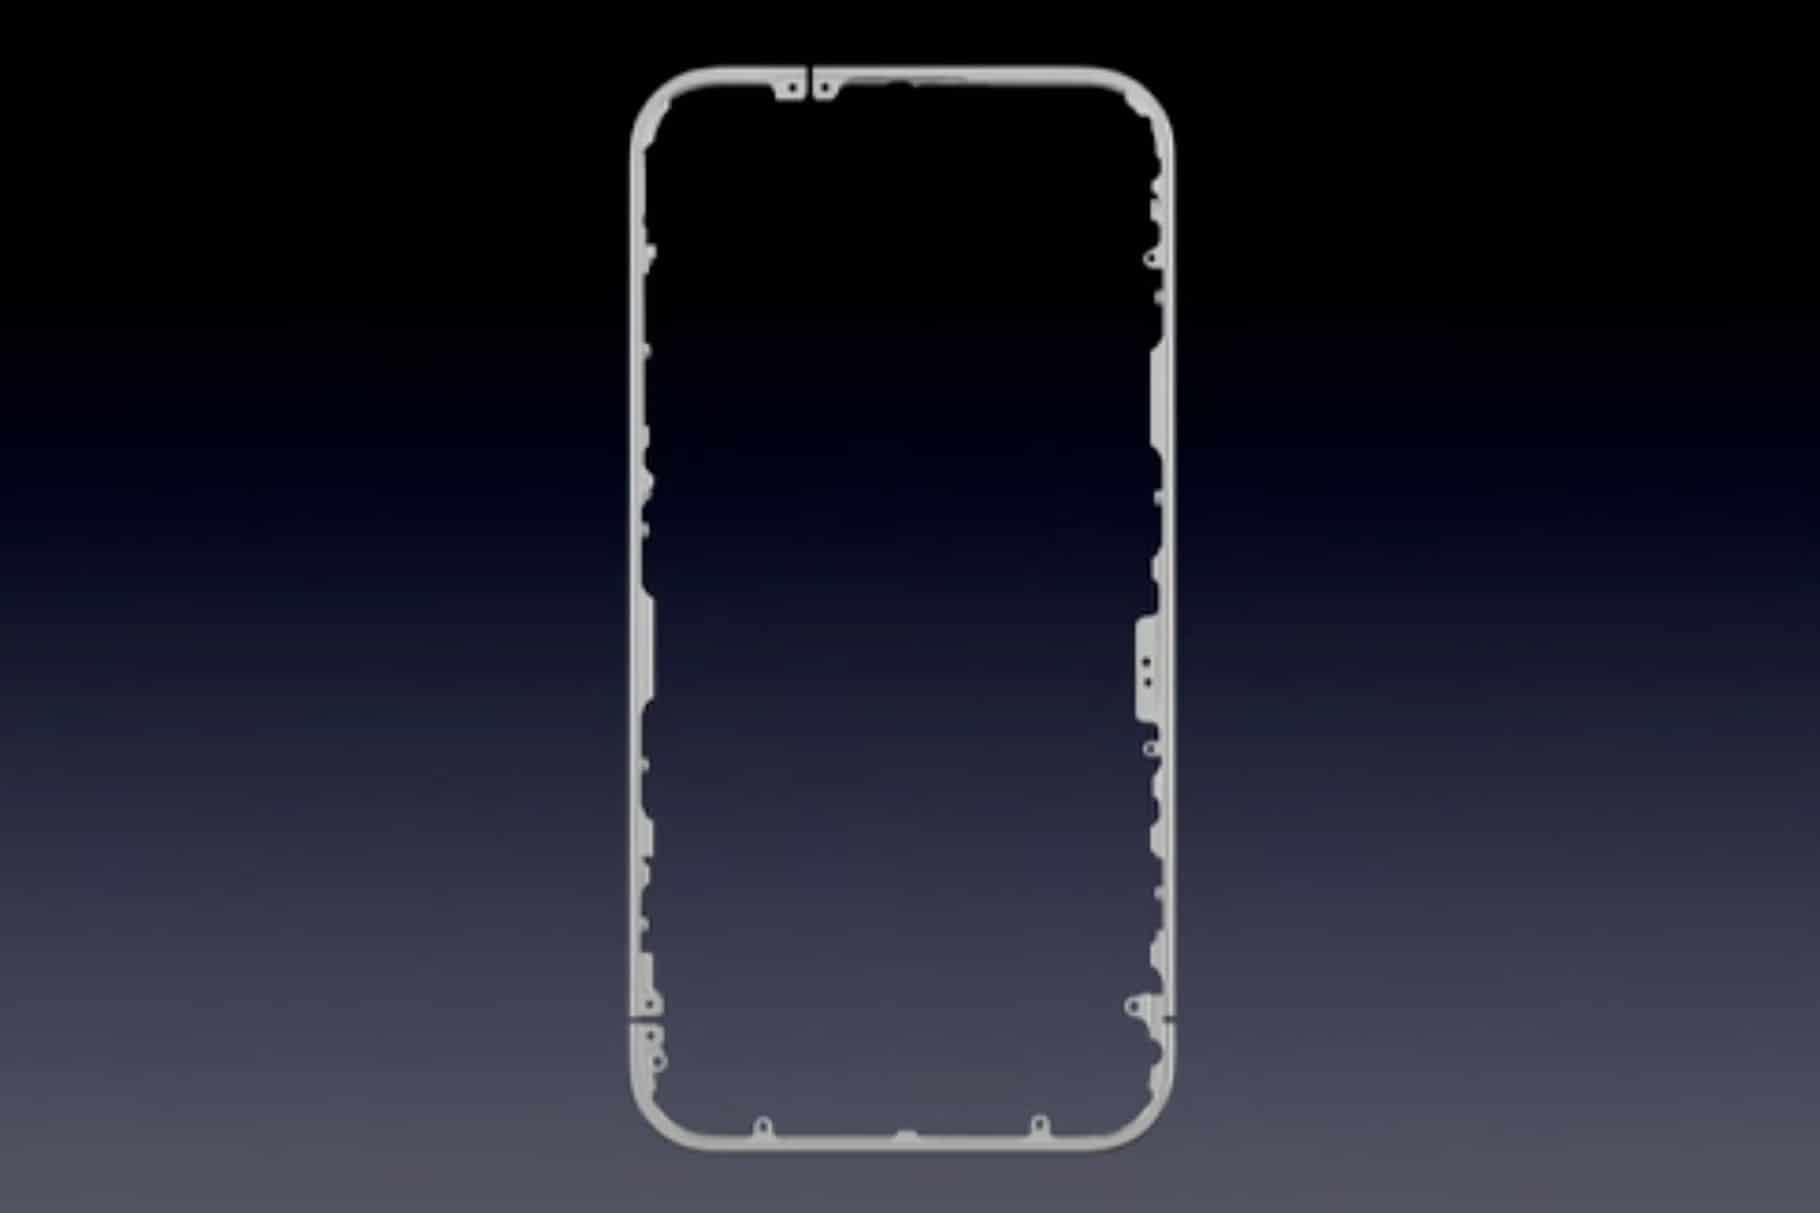 Antena do iPhone 4